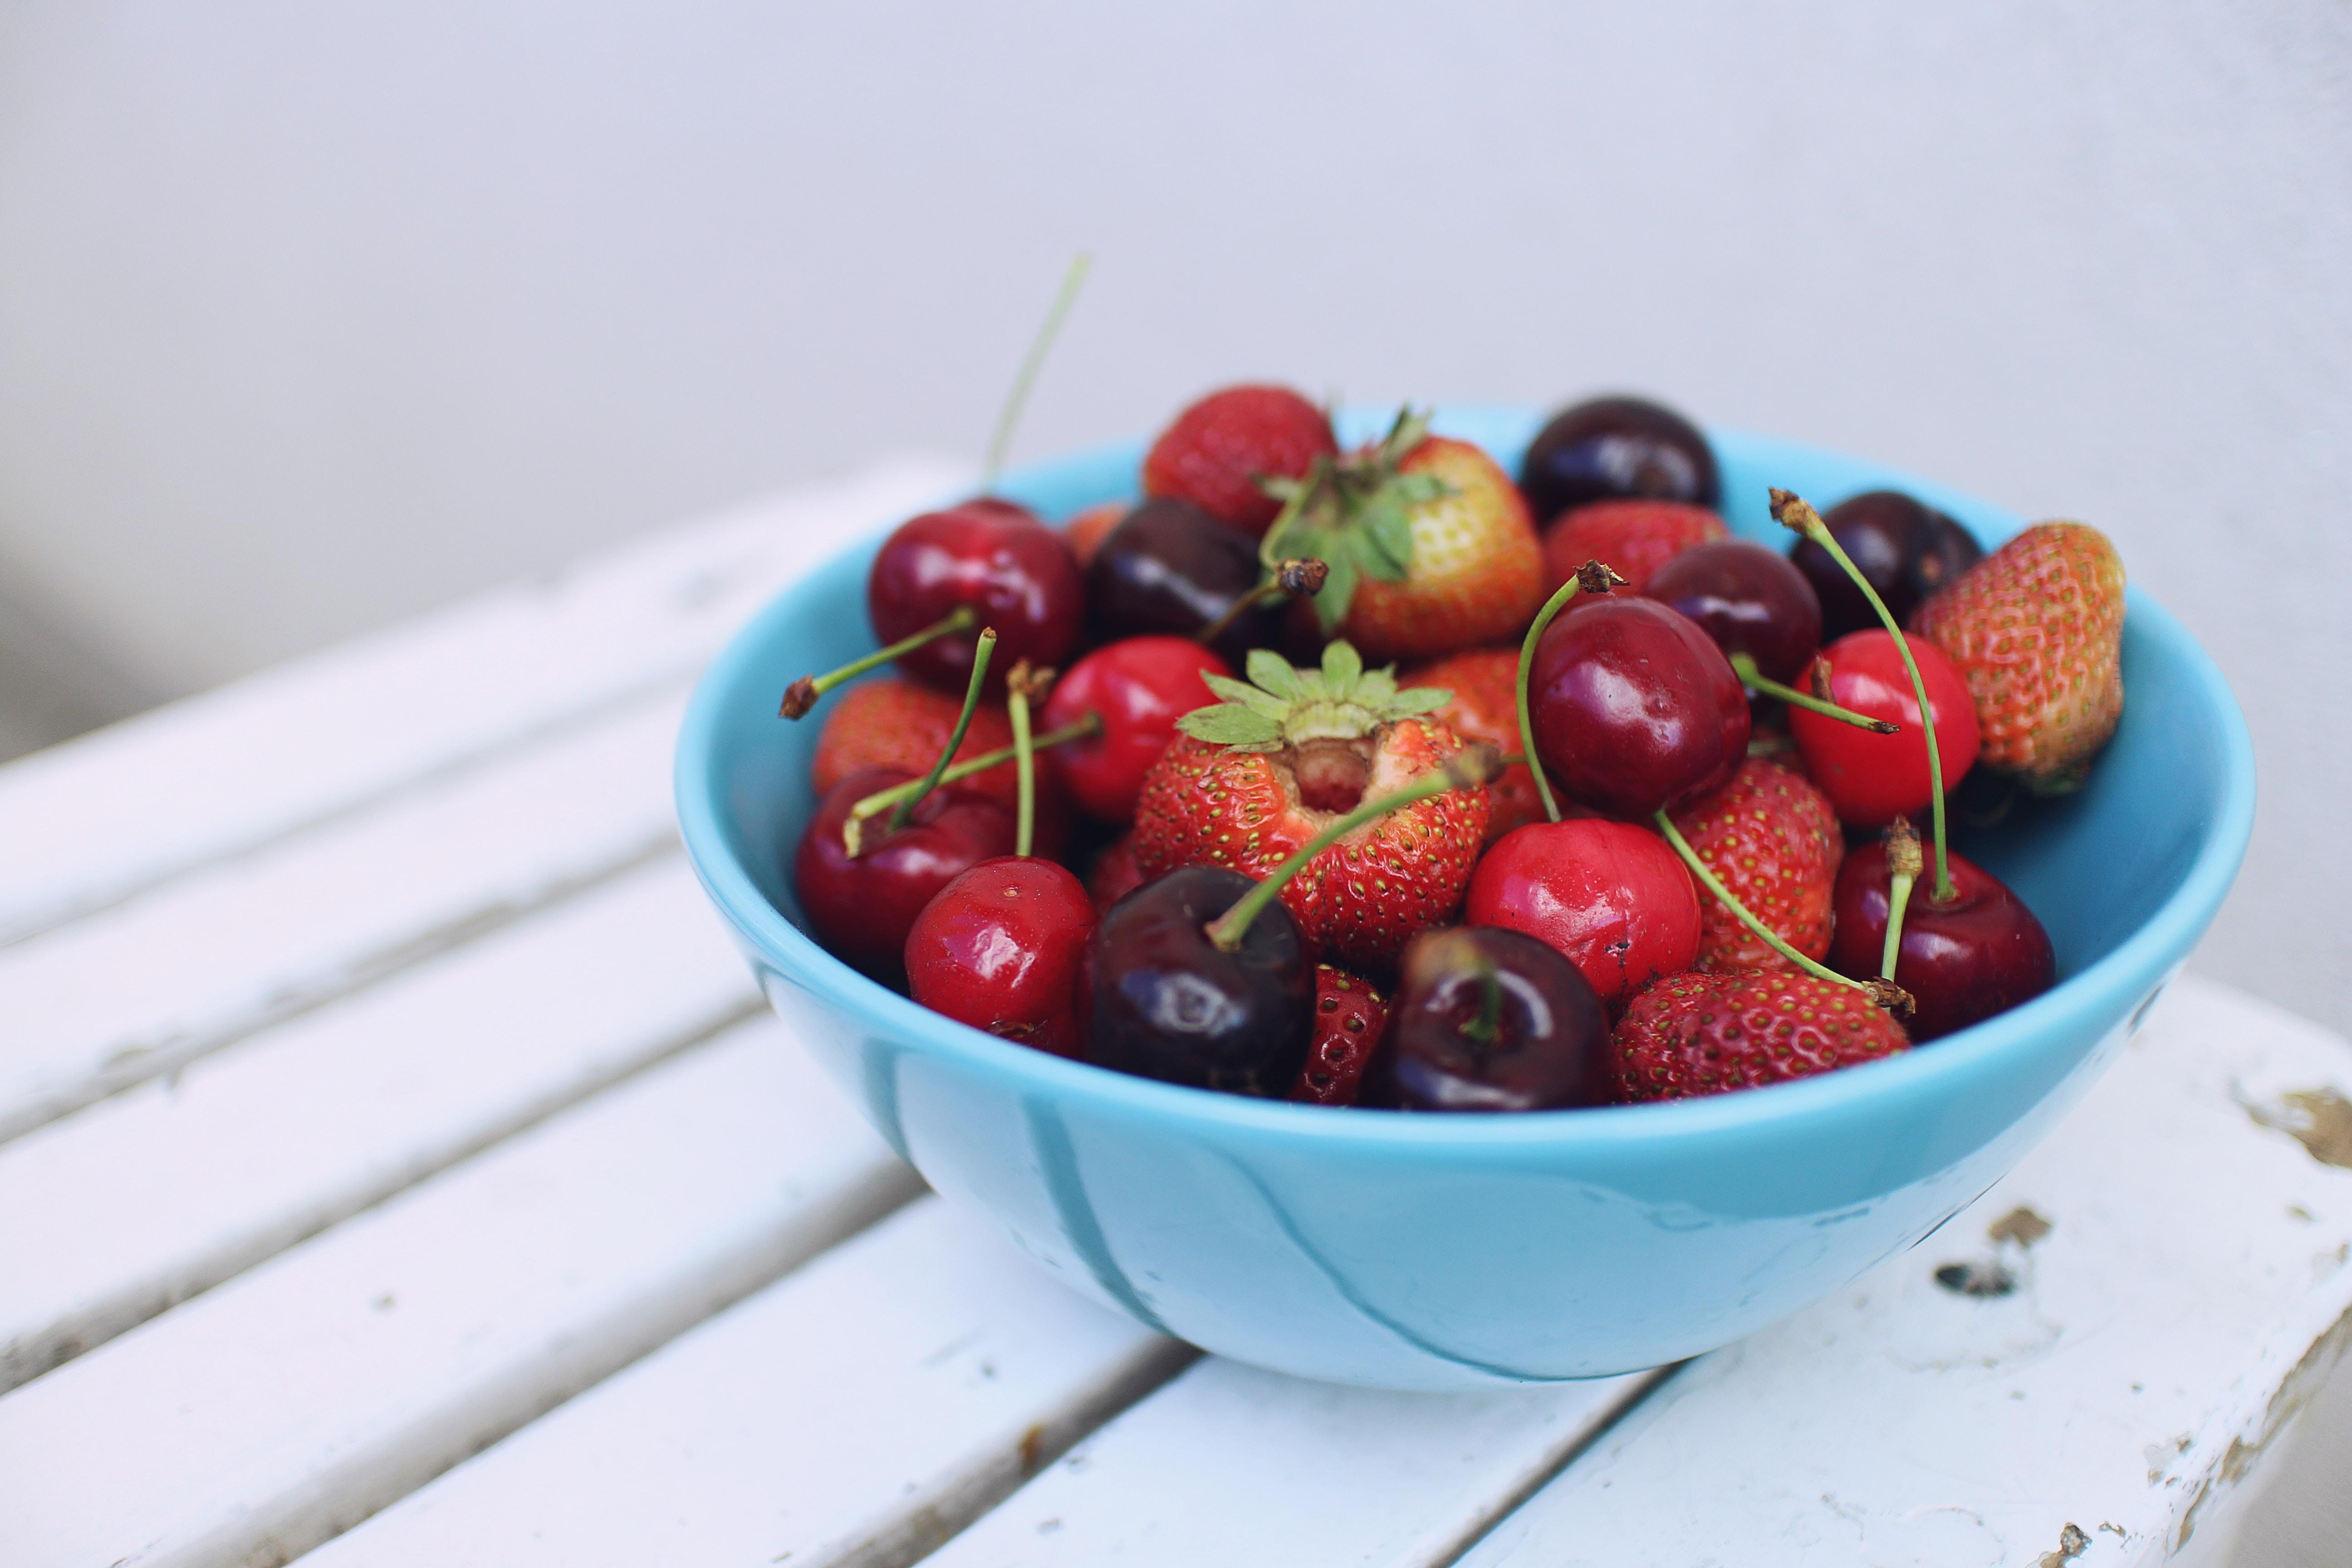 Bowl of fresh cherries, strawberries, and fruit